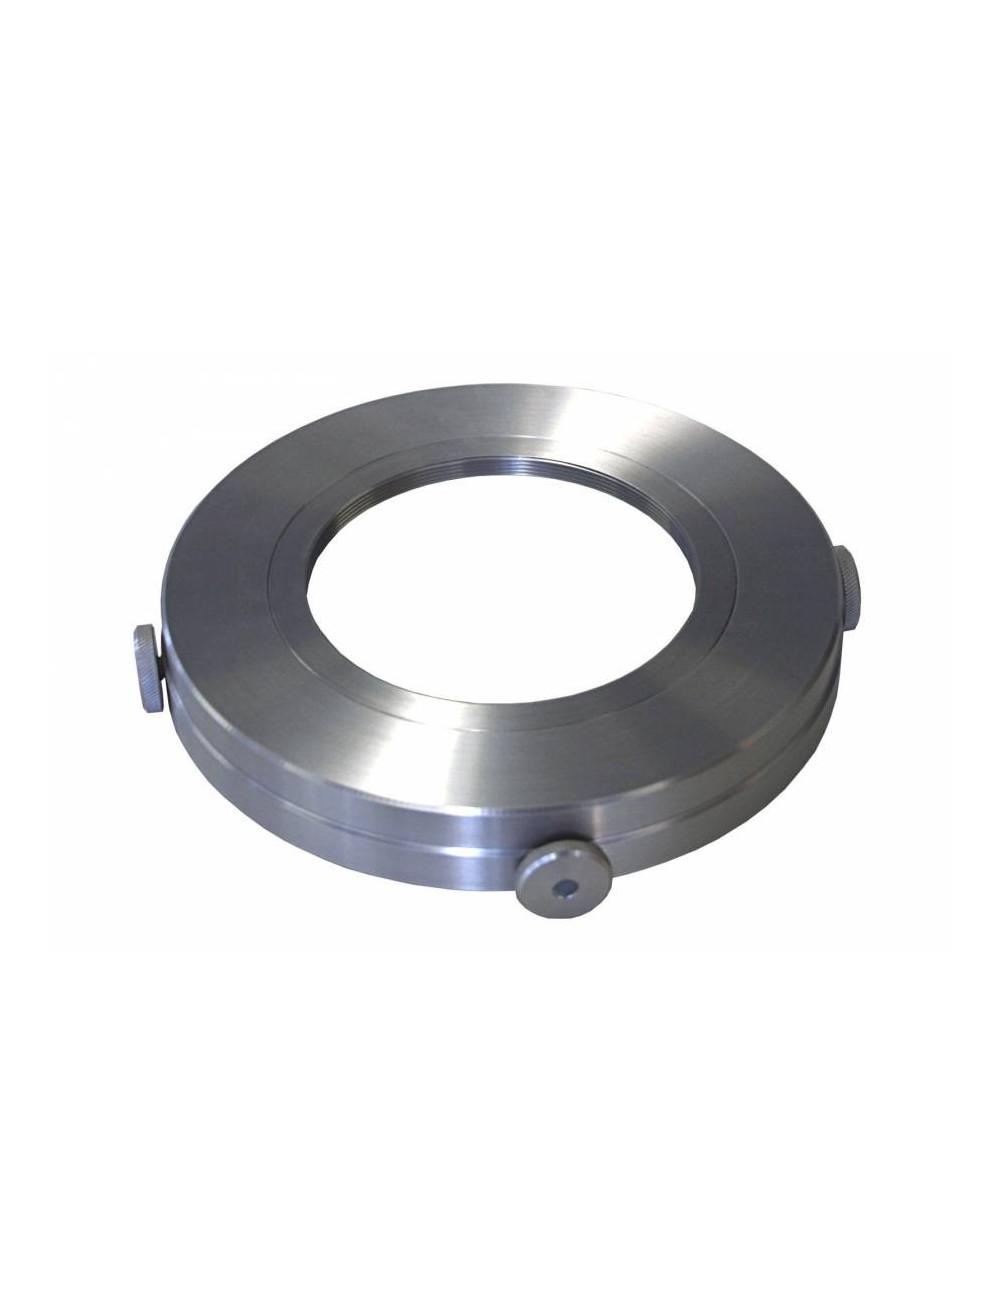 Adaptateur pour filtres solaires LUNT LS100FHa pour instrument avec un diamètre extérieur entre 181 et 200mm